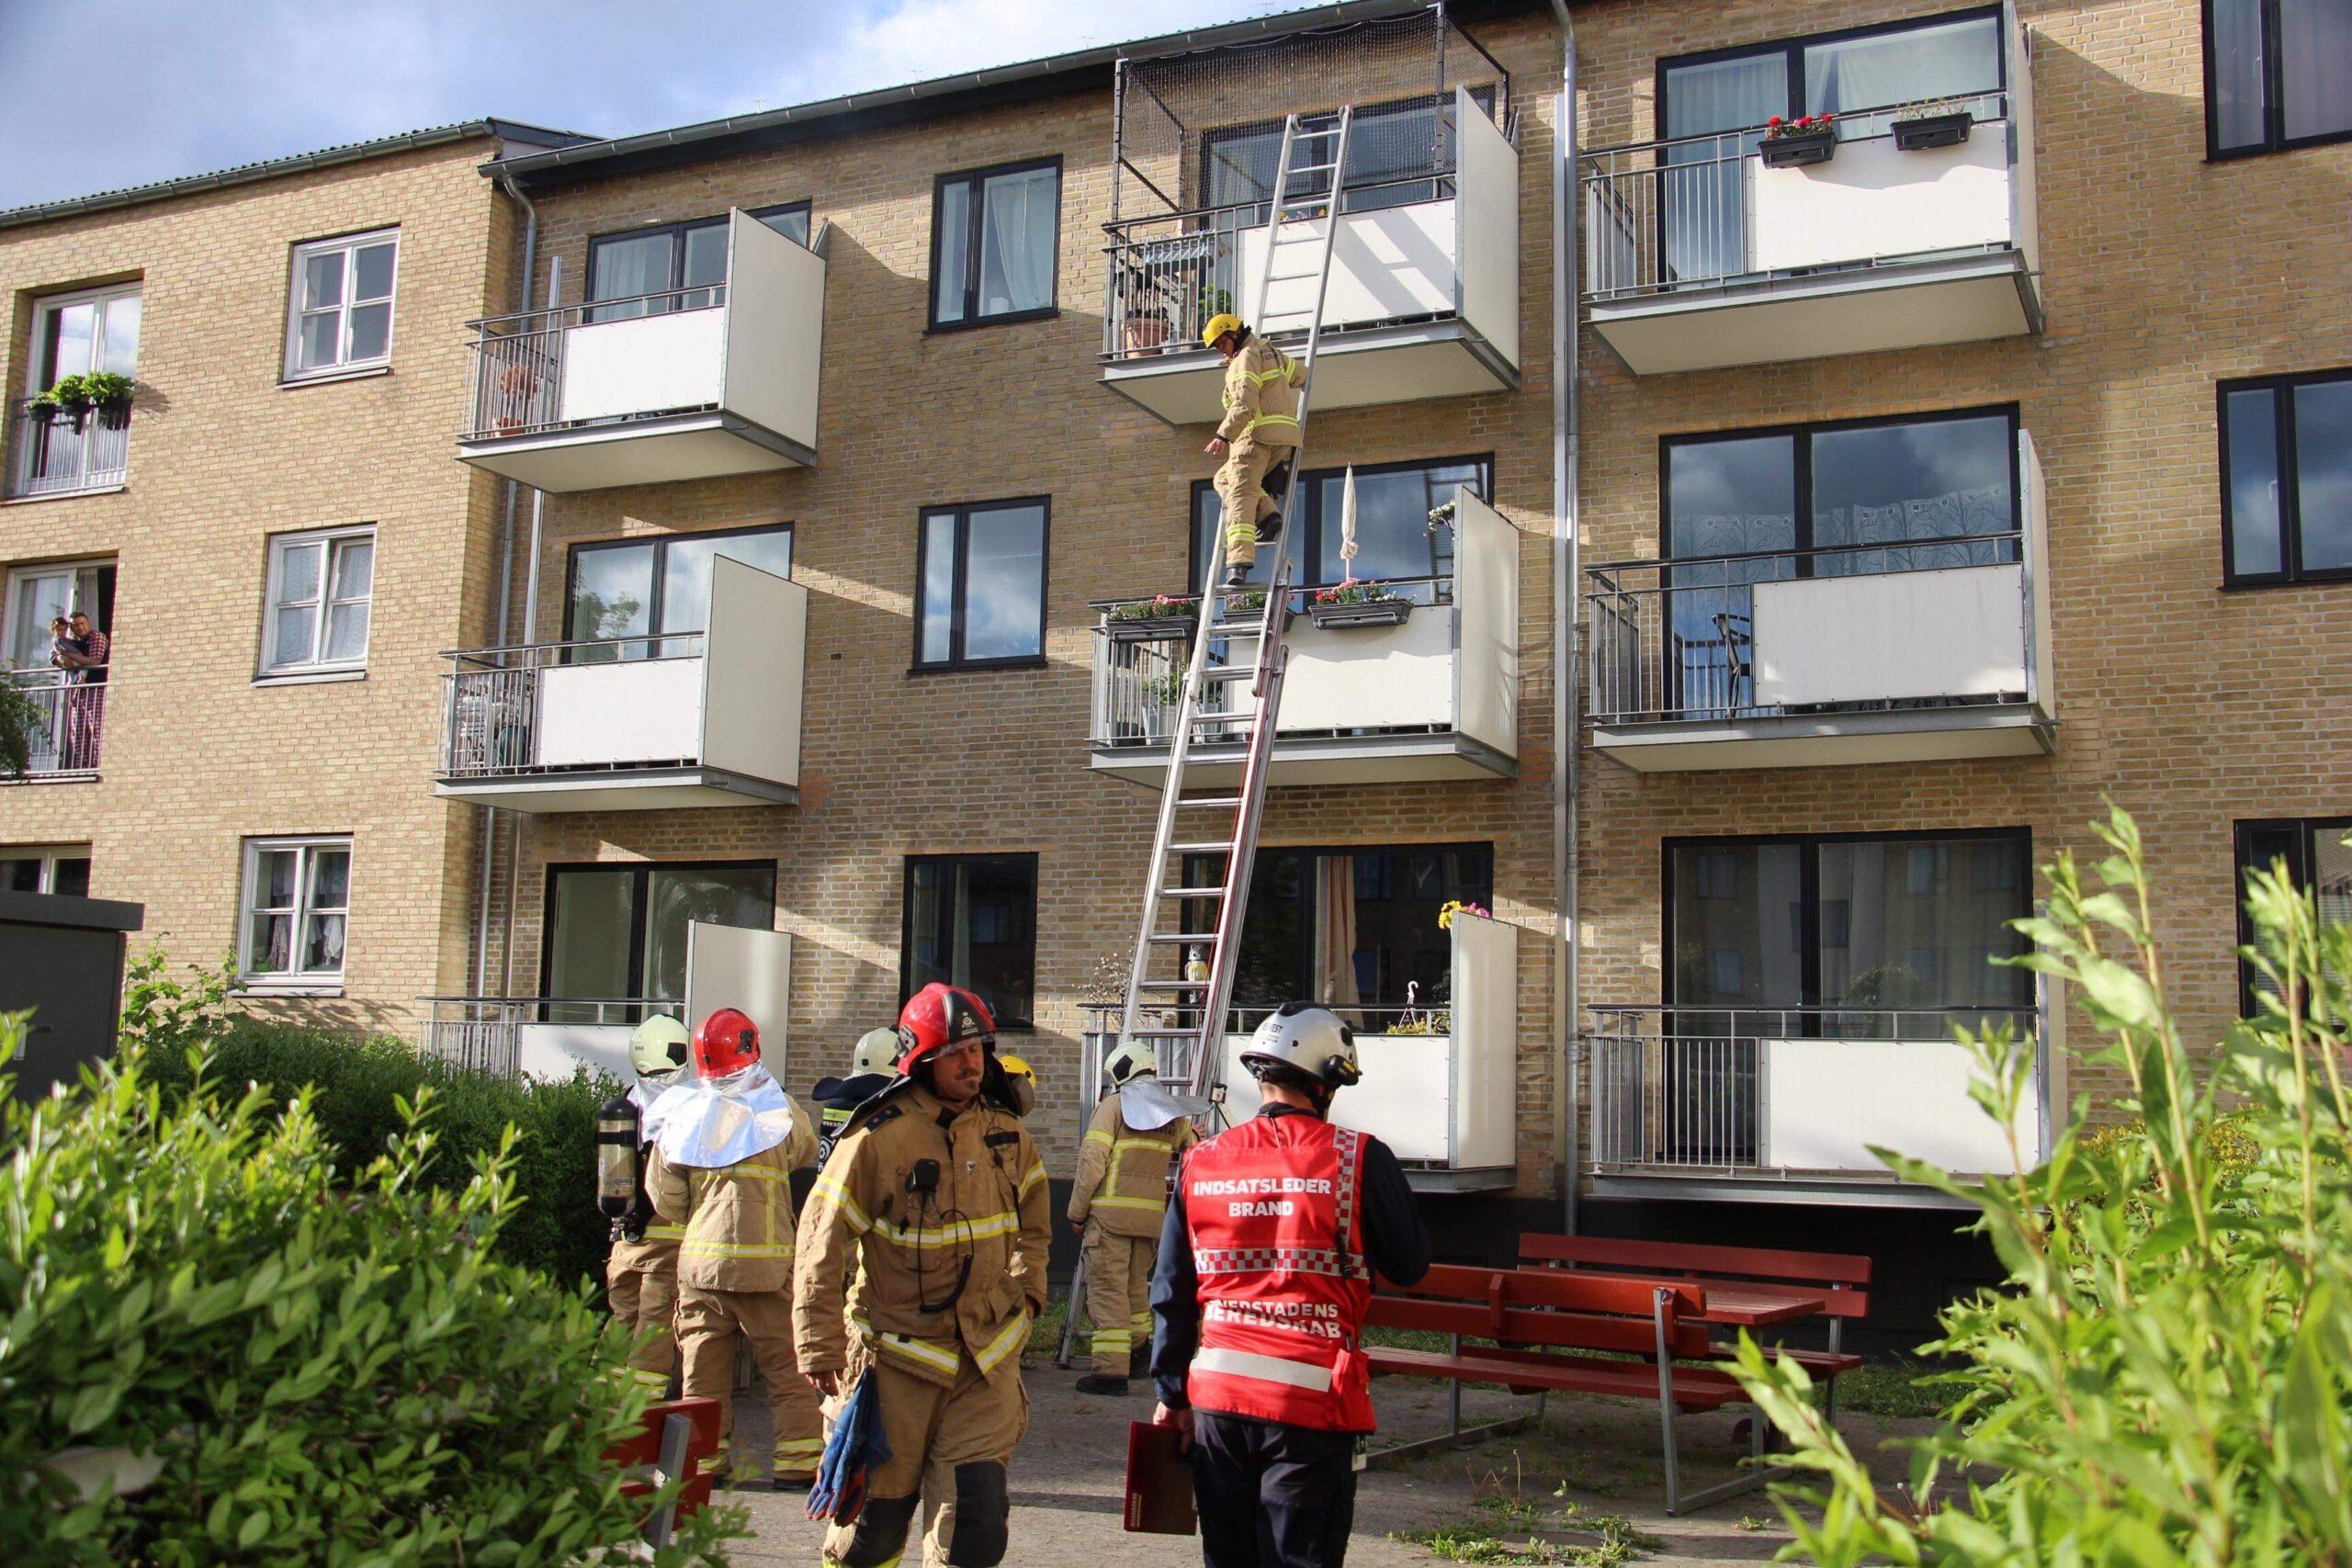 Lejlighedsbrand i Sydhavnen